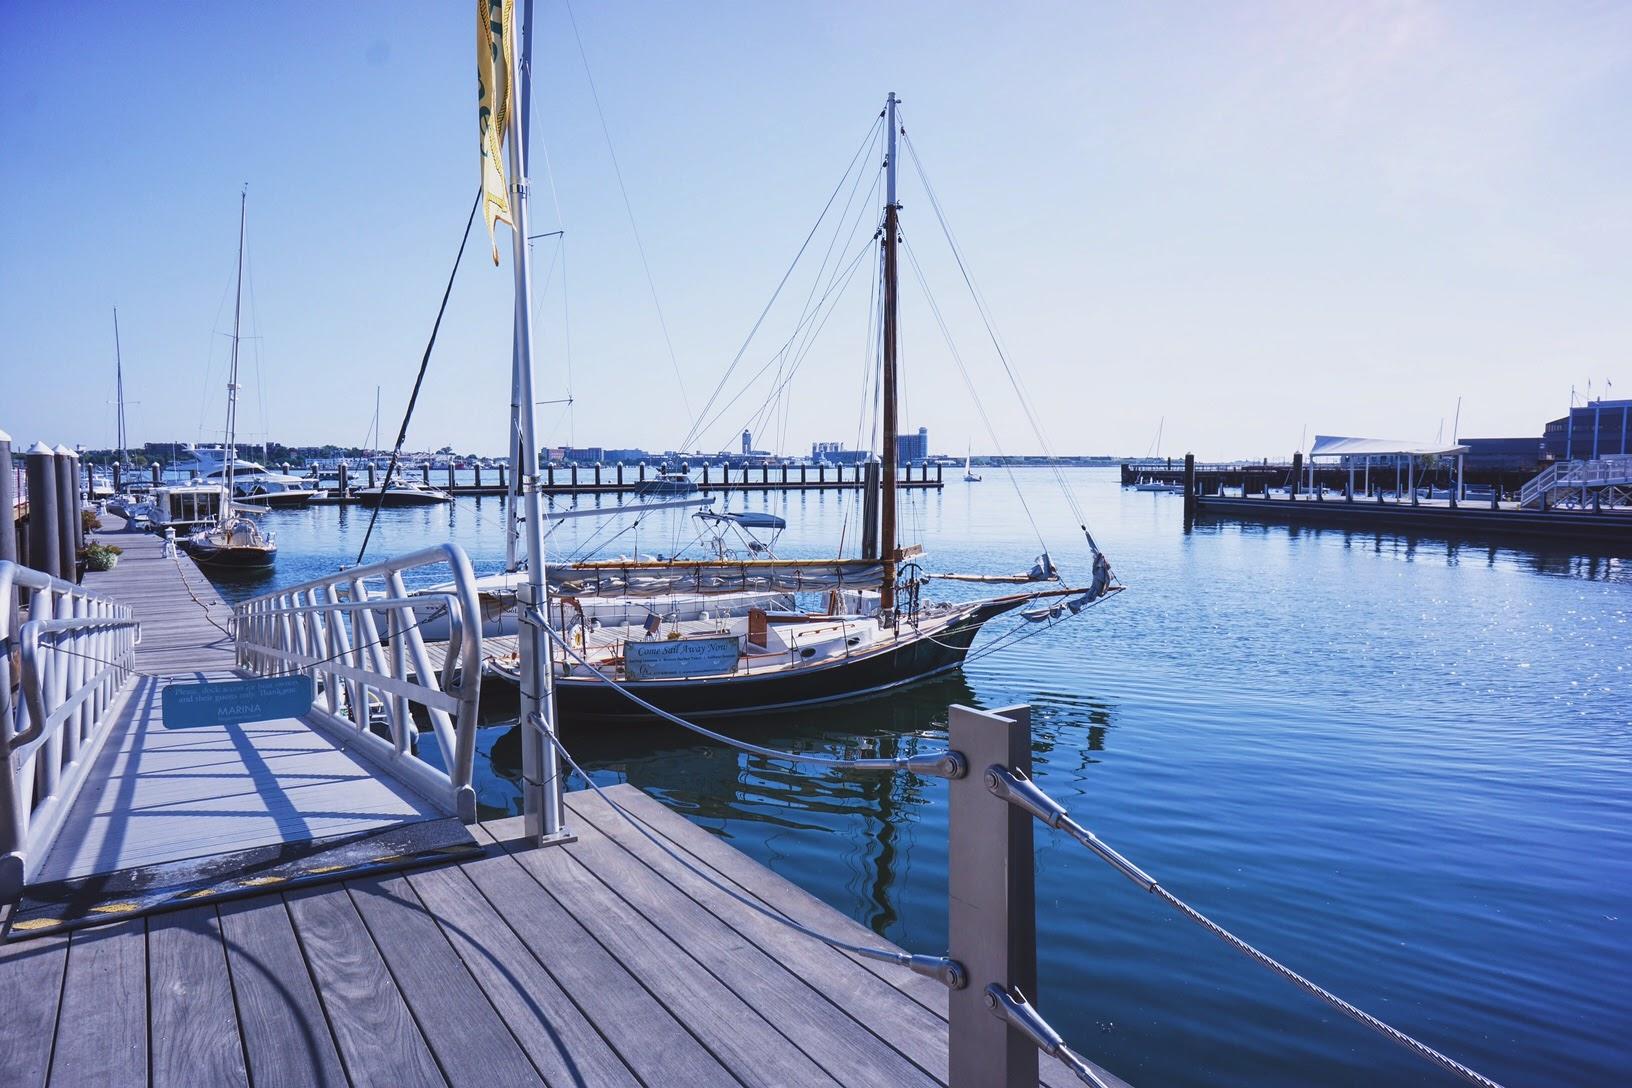 The beautiful harbor at Fan Pier